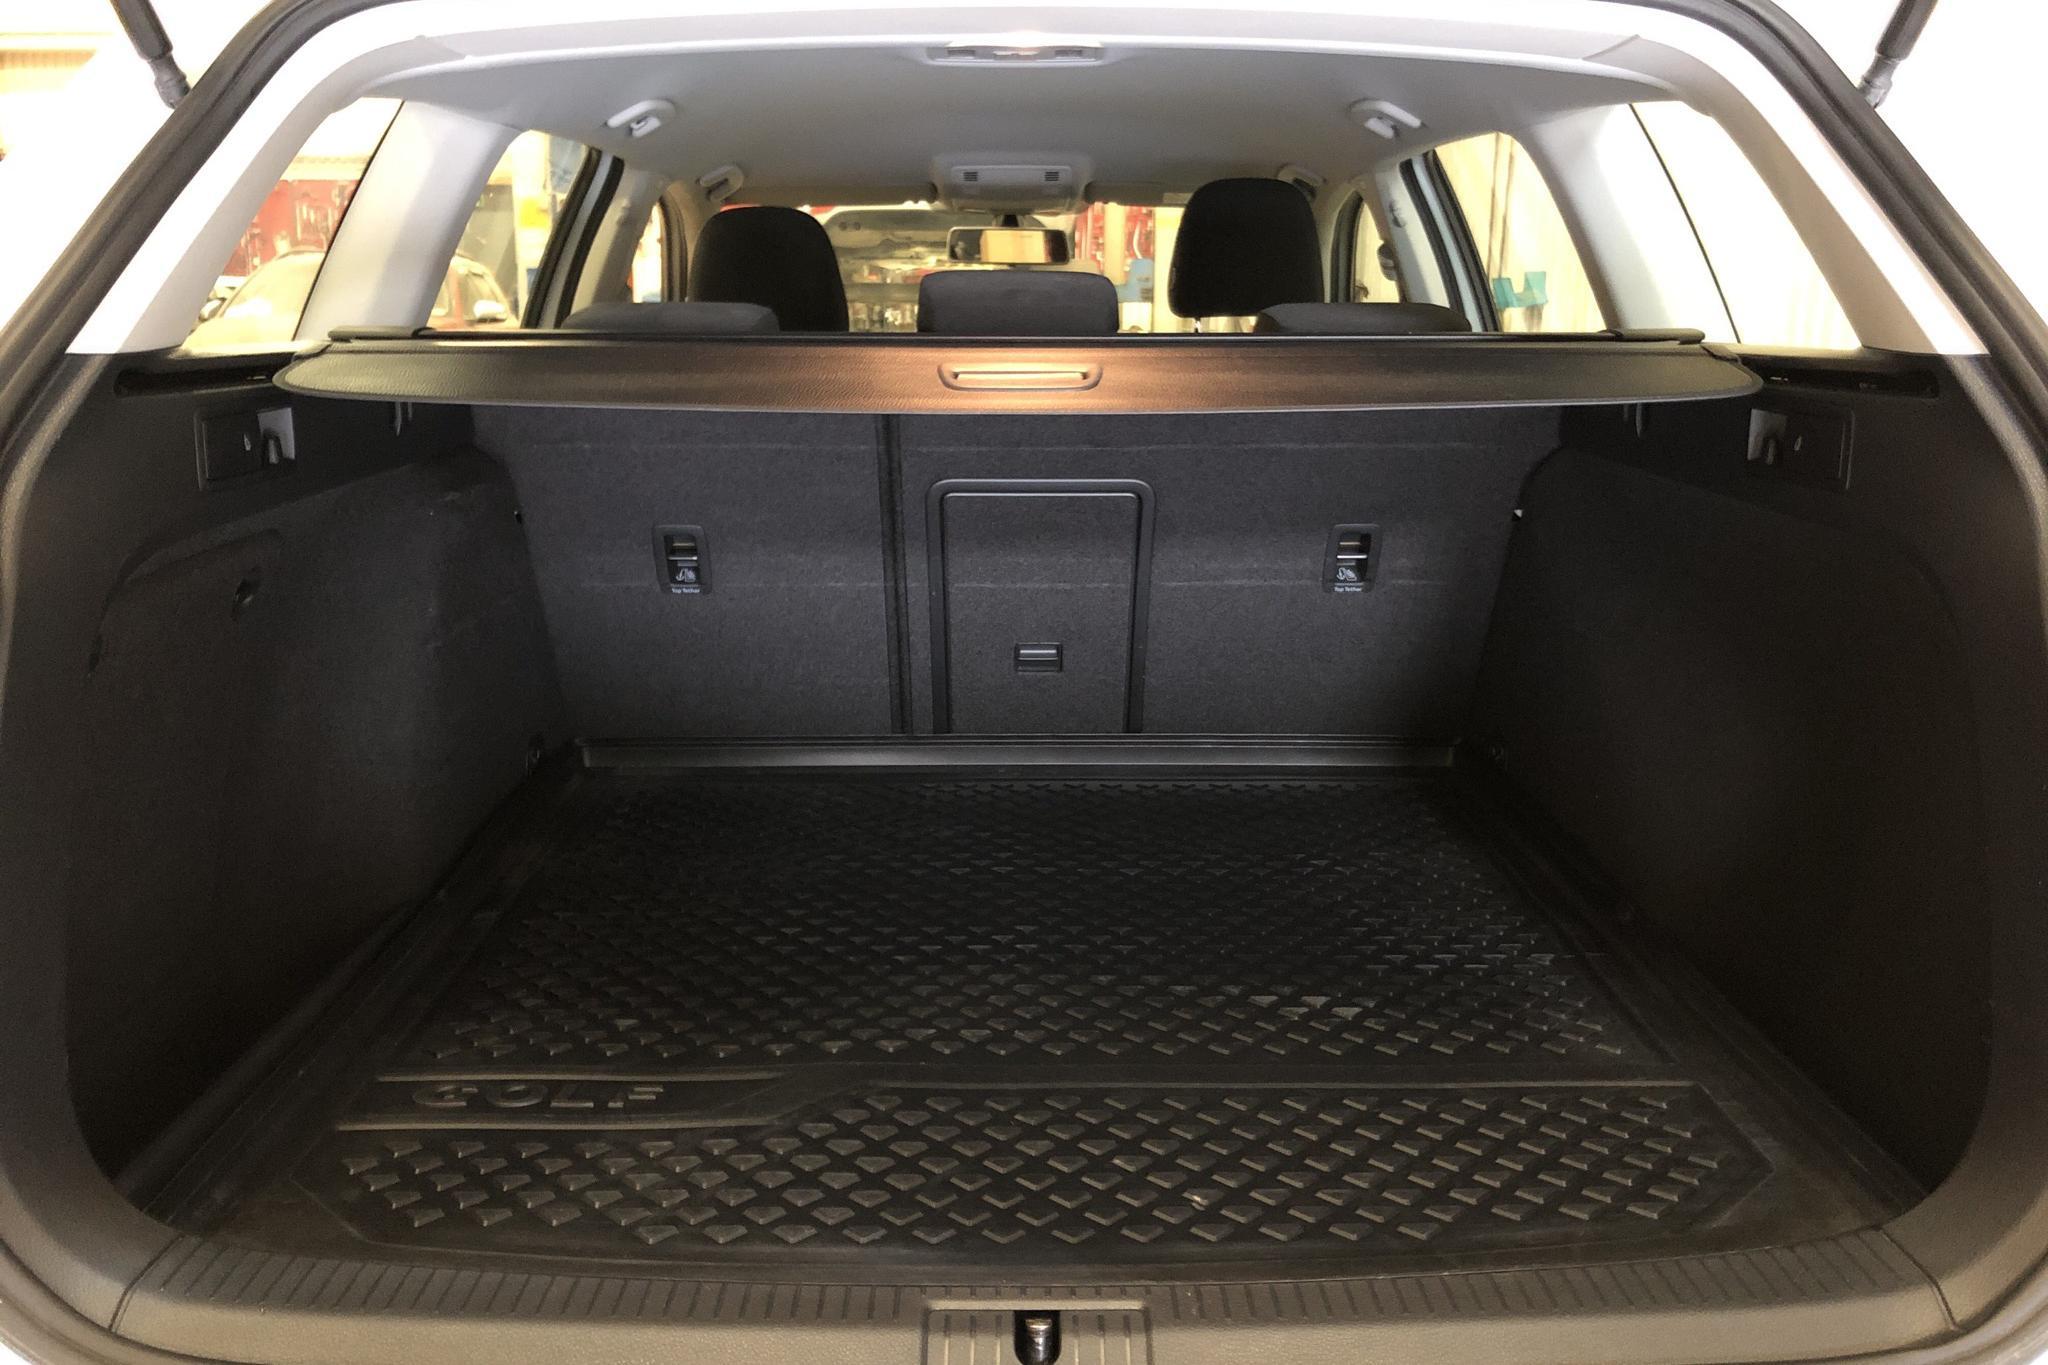 VW Golf VII 1.4 TSI Multifuel Sportscombi (125hk) - 14 237 mil - Manuell - vit - 2016